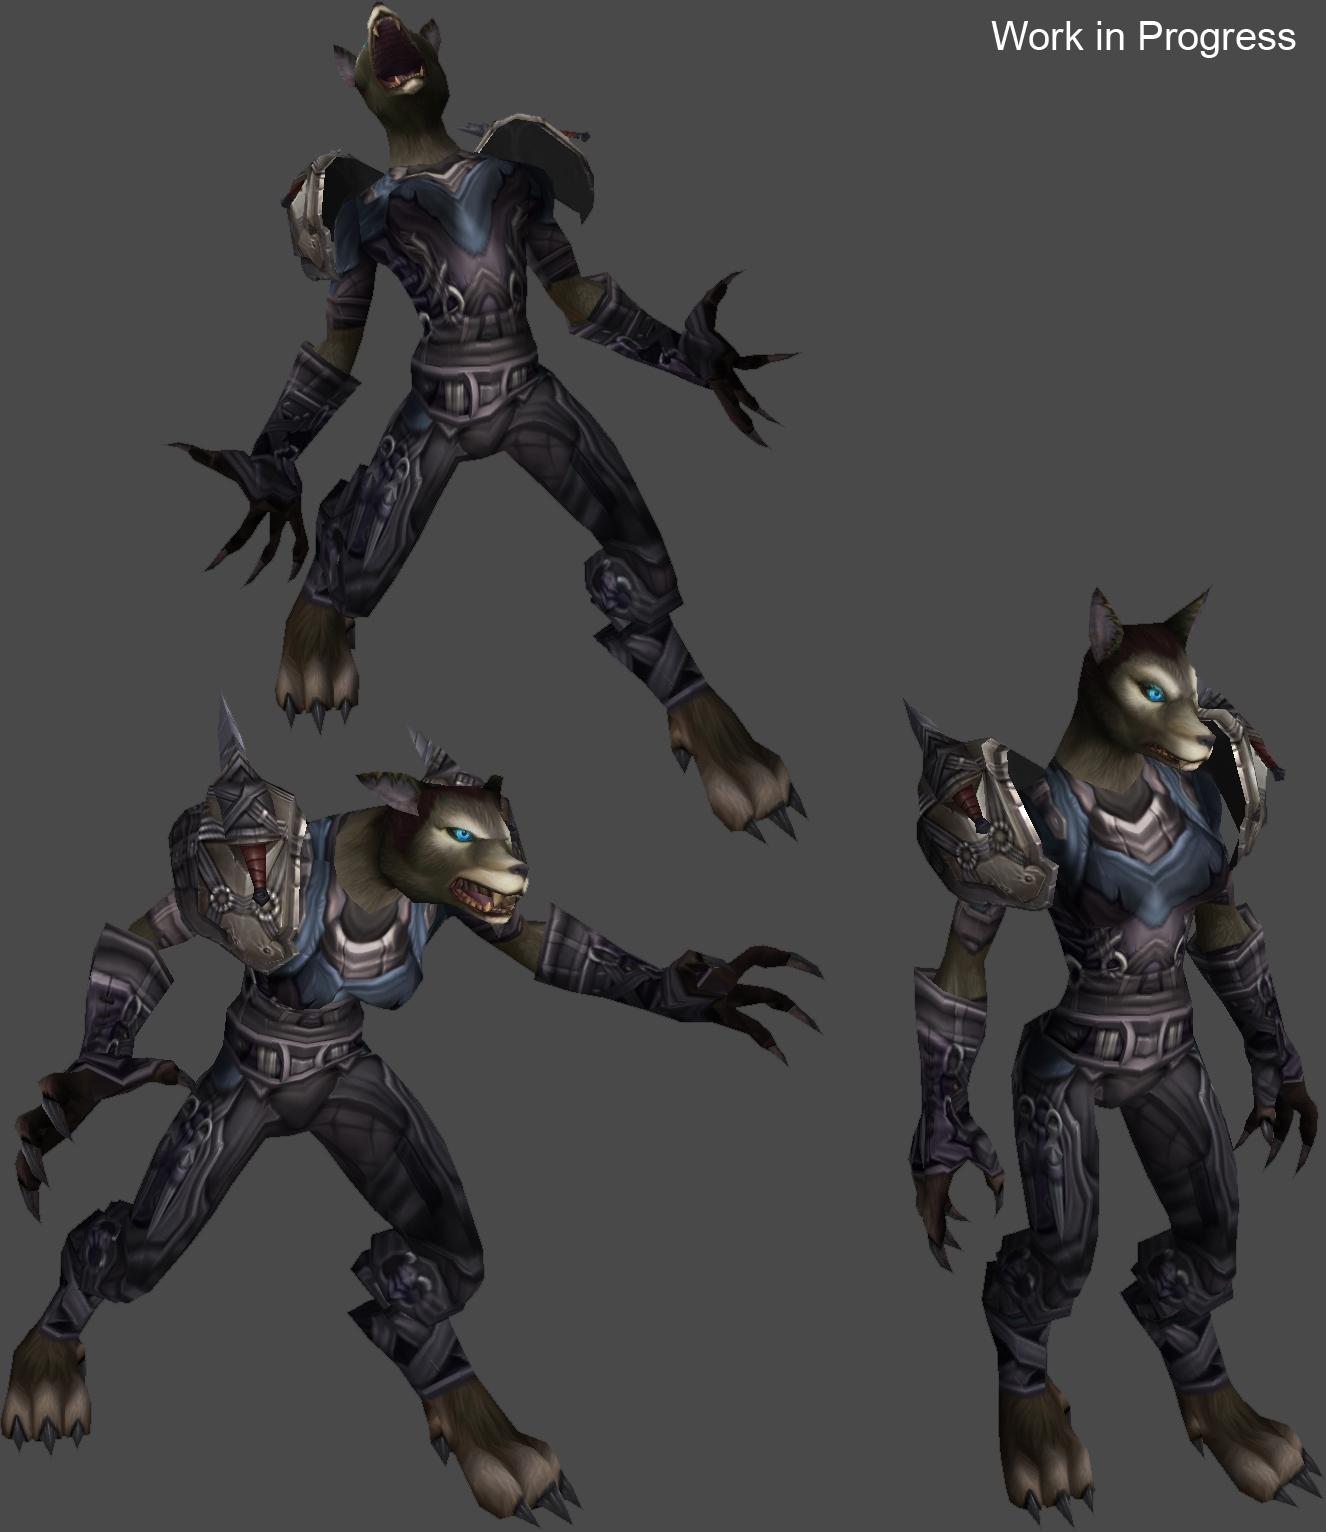 Blizzard Reveals WoW: Cataclysm's Female Worgen